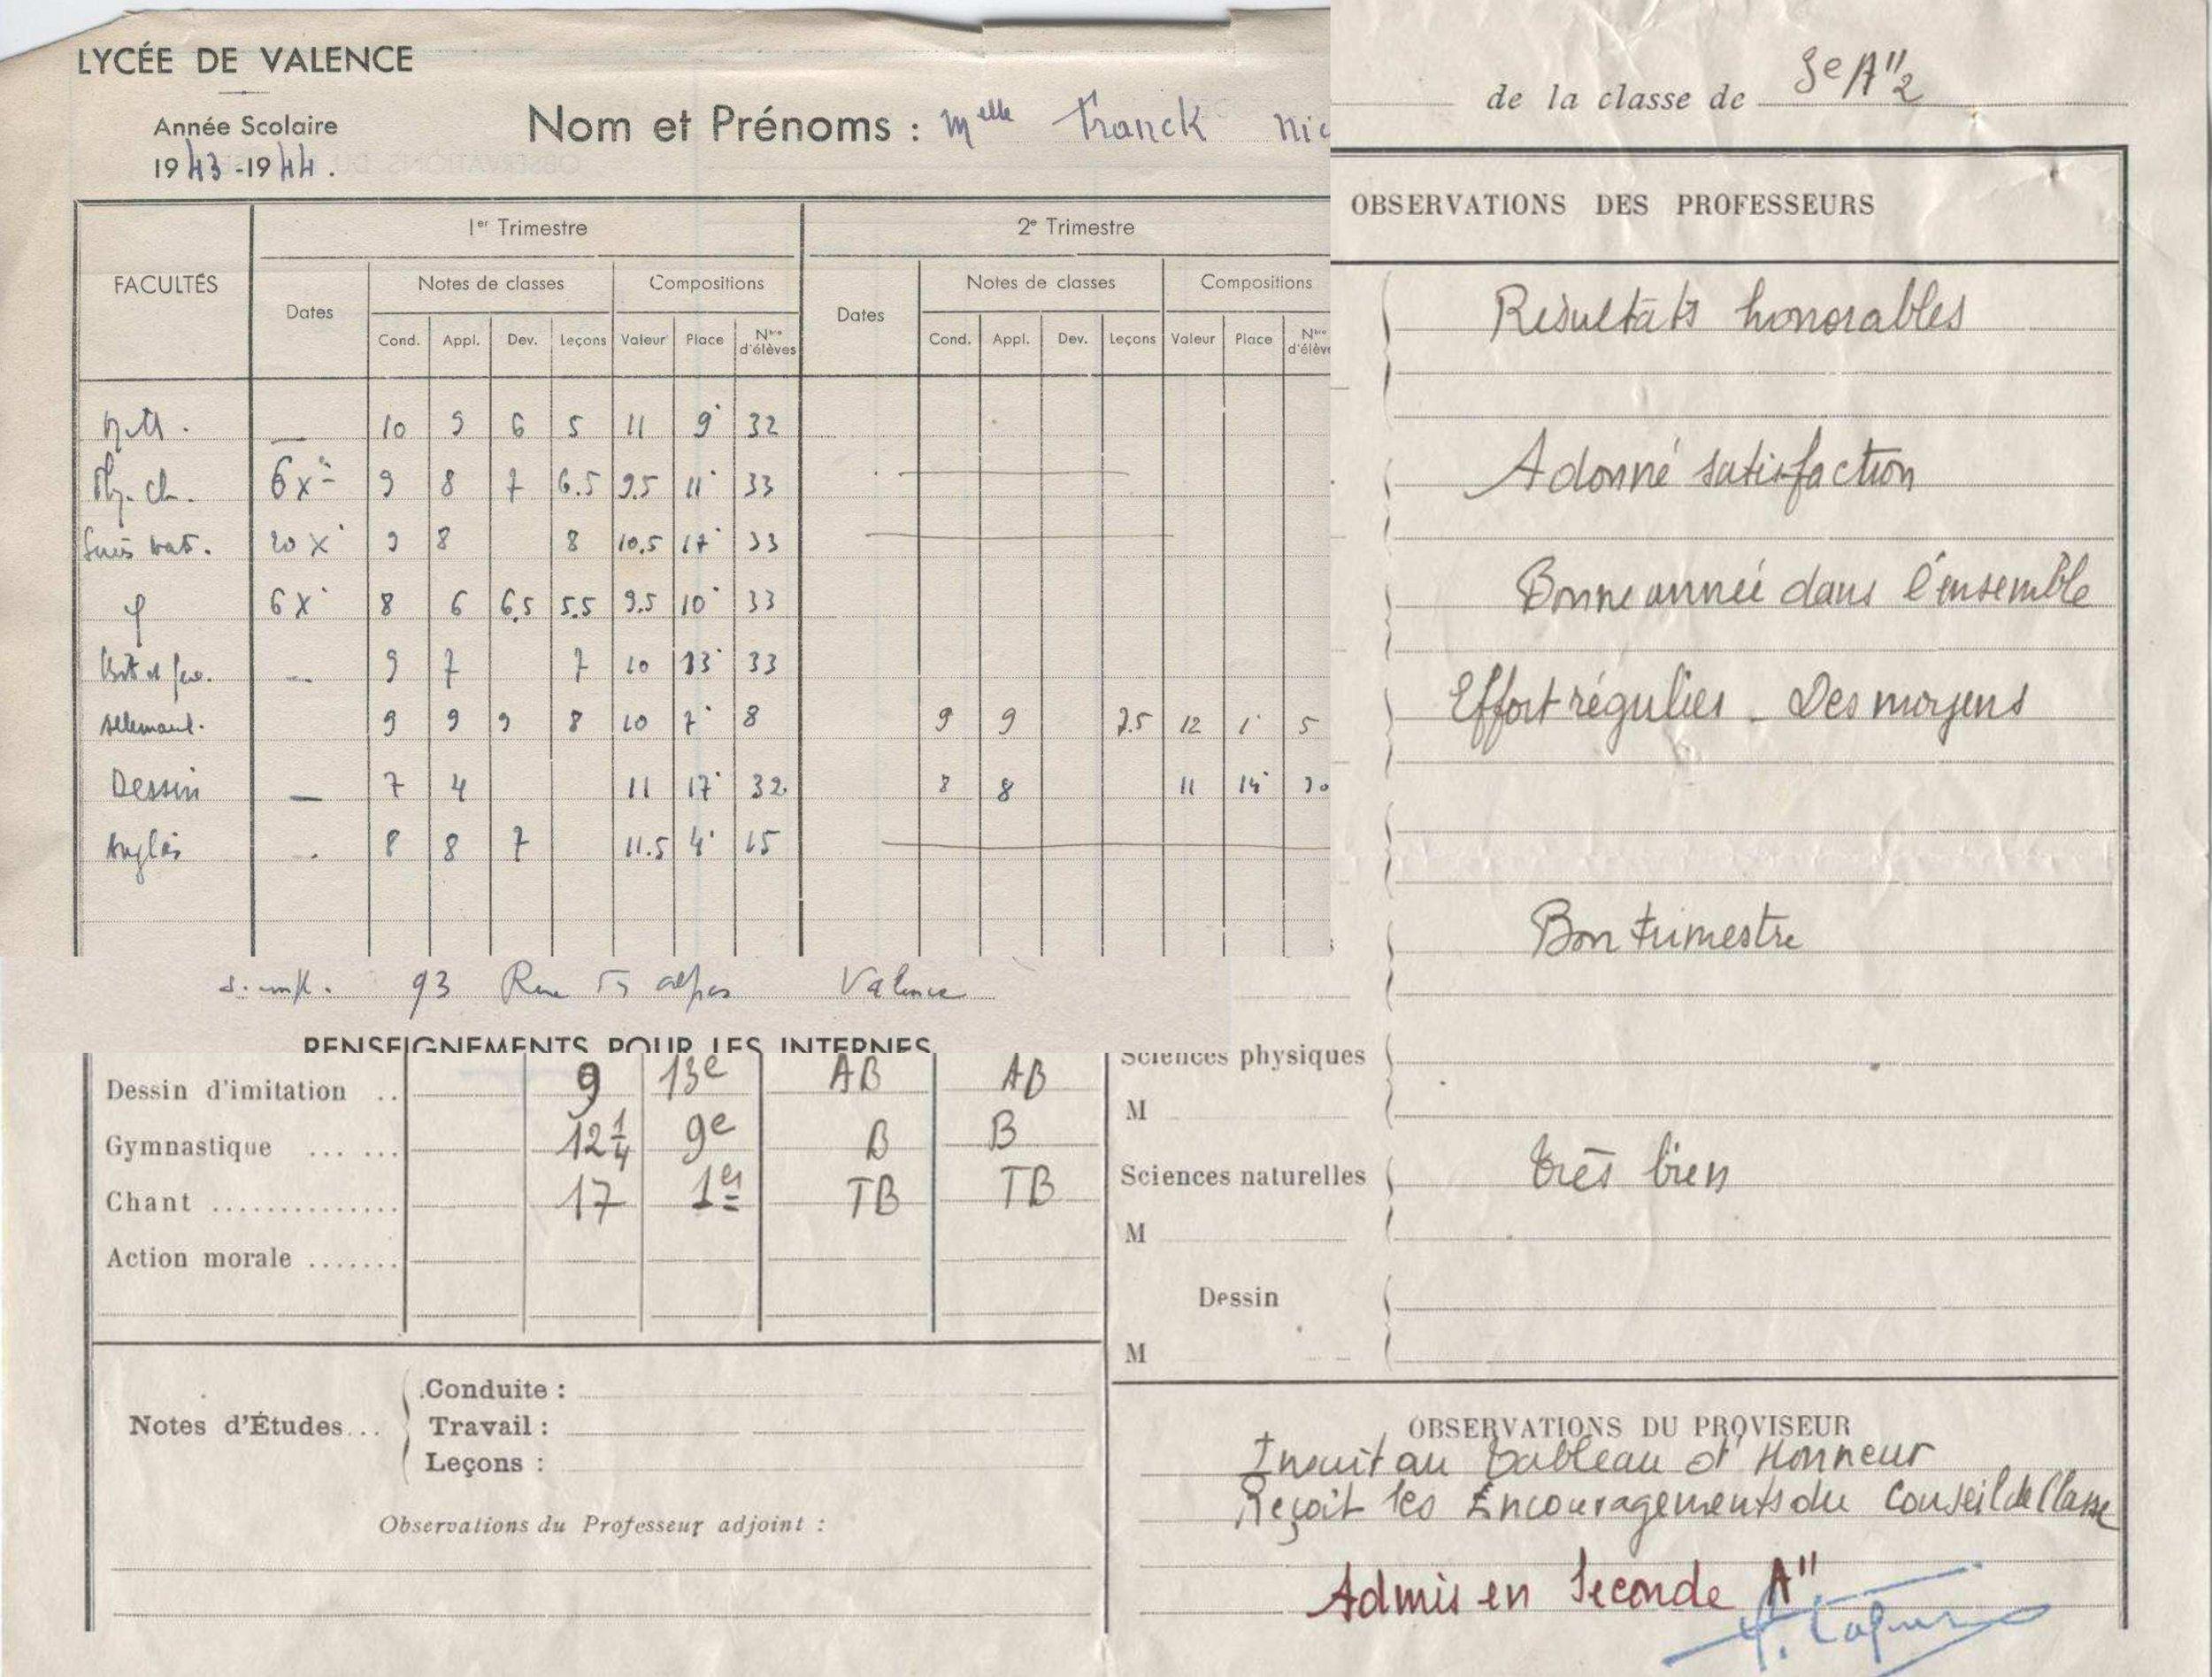 Franck Nicole Lycée Valence 1943_44